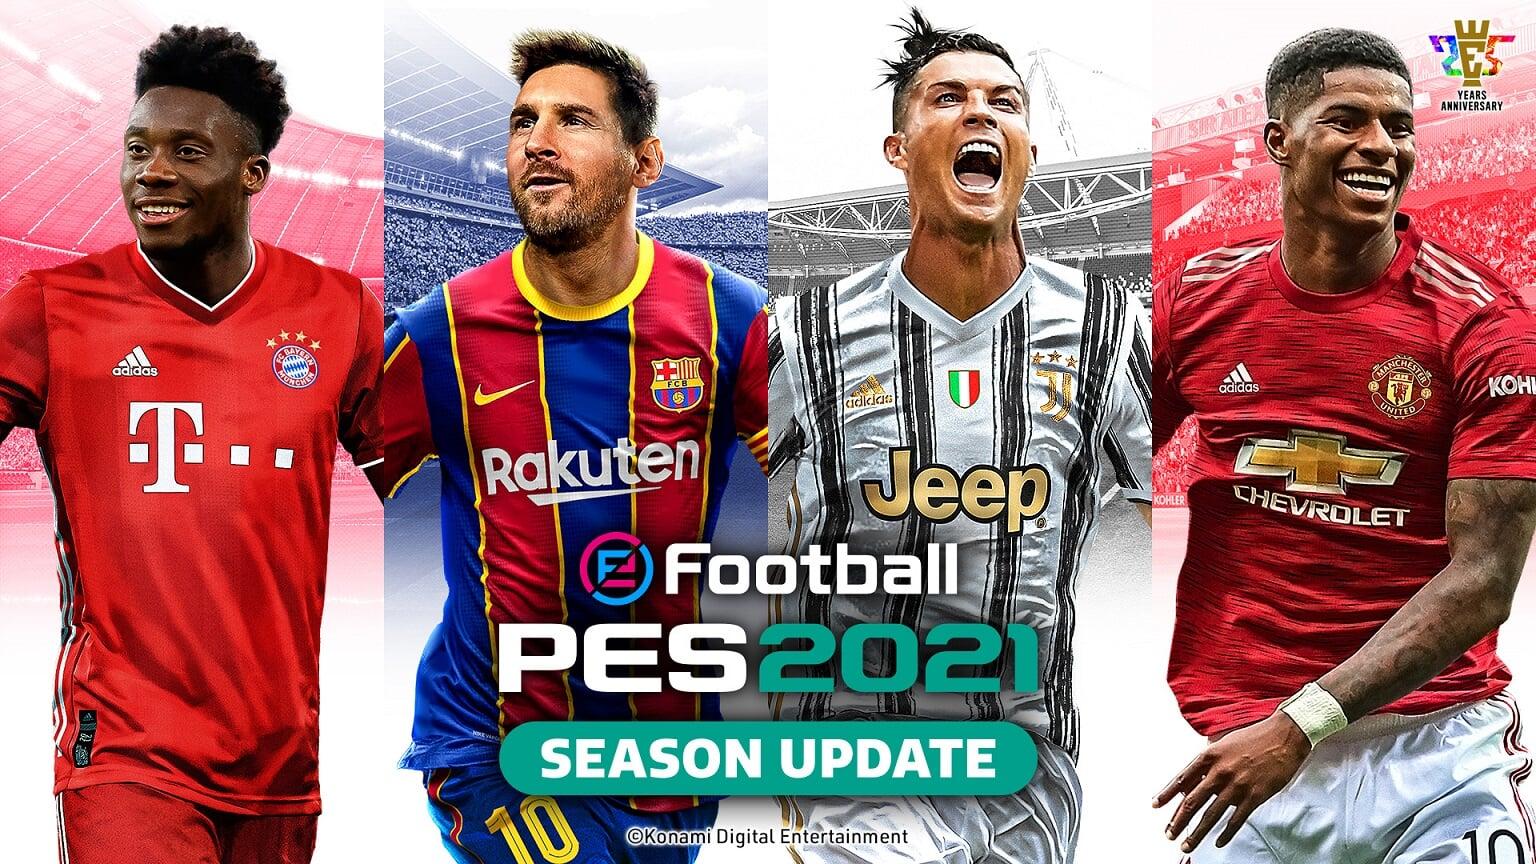 Месси и Роналду попали на обложку PES 2021 - Игры - Cyber.Sports.ru